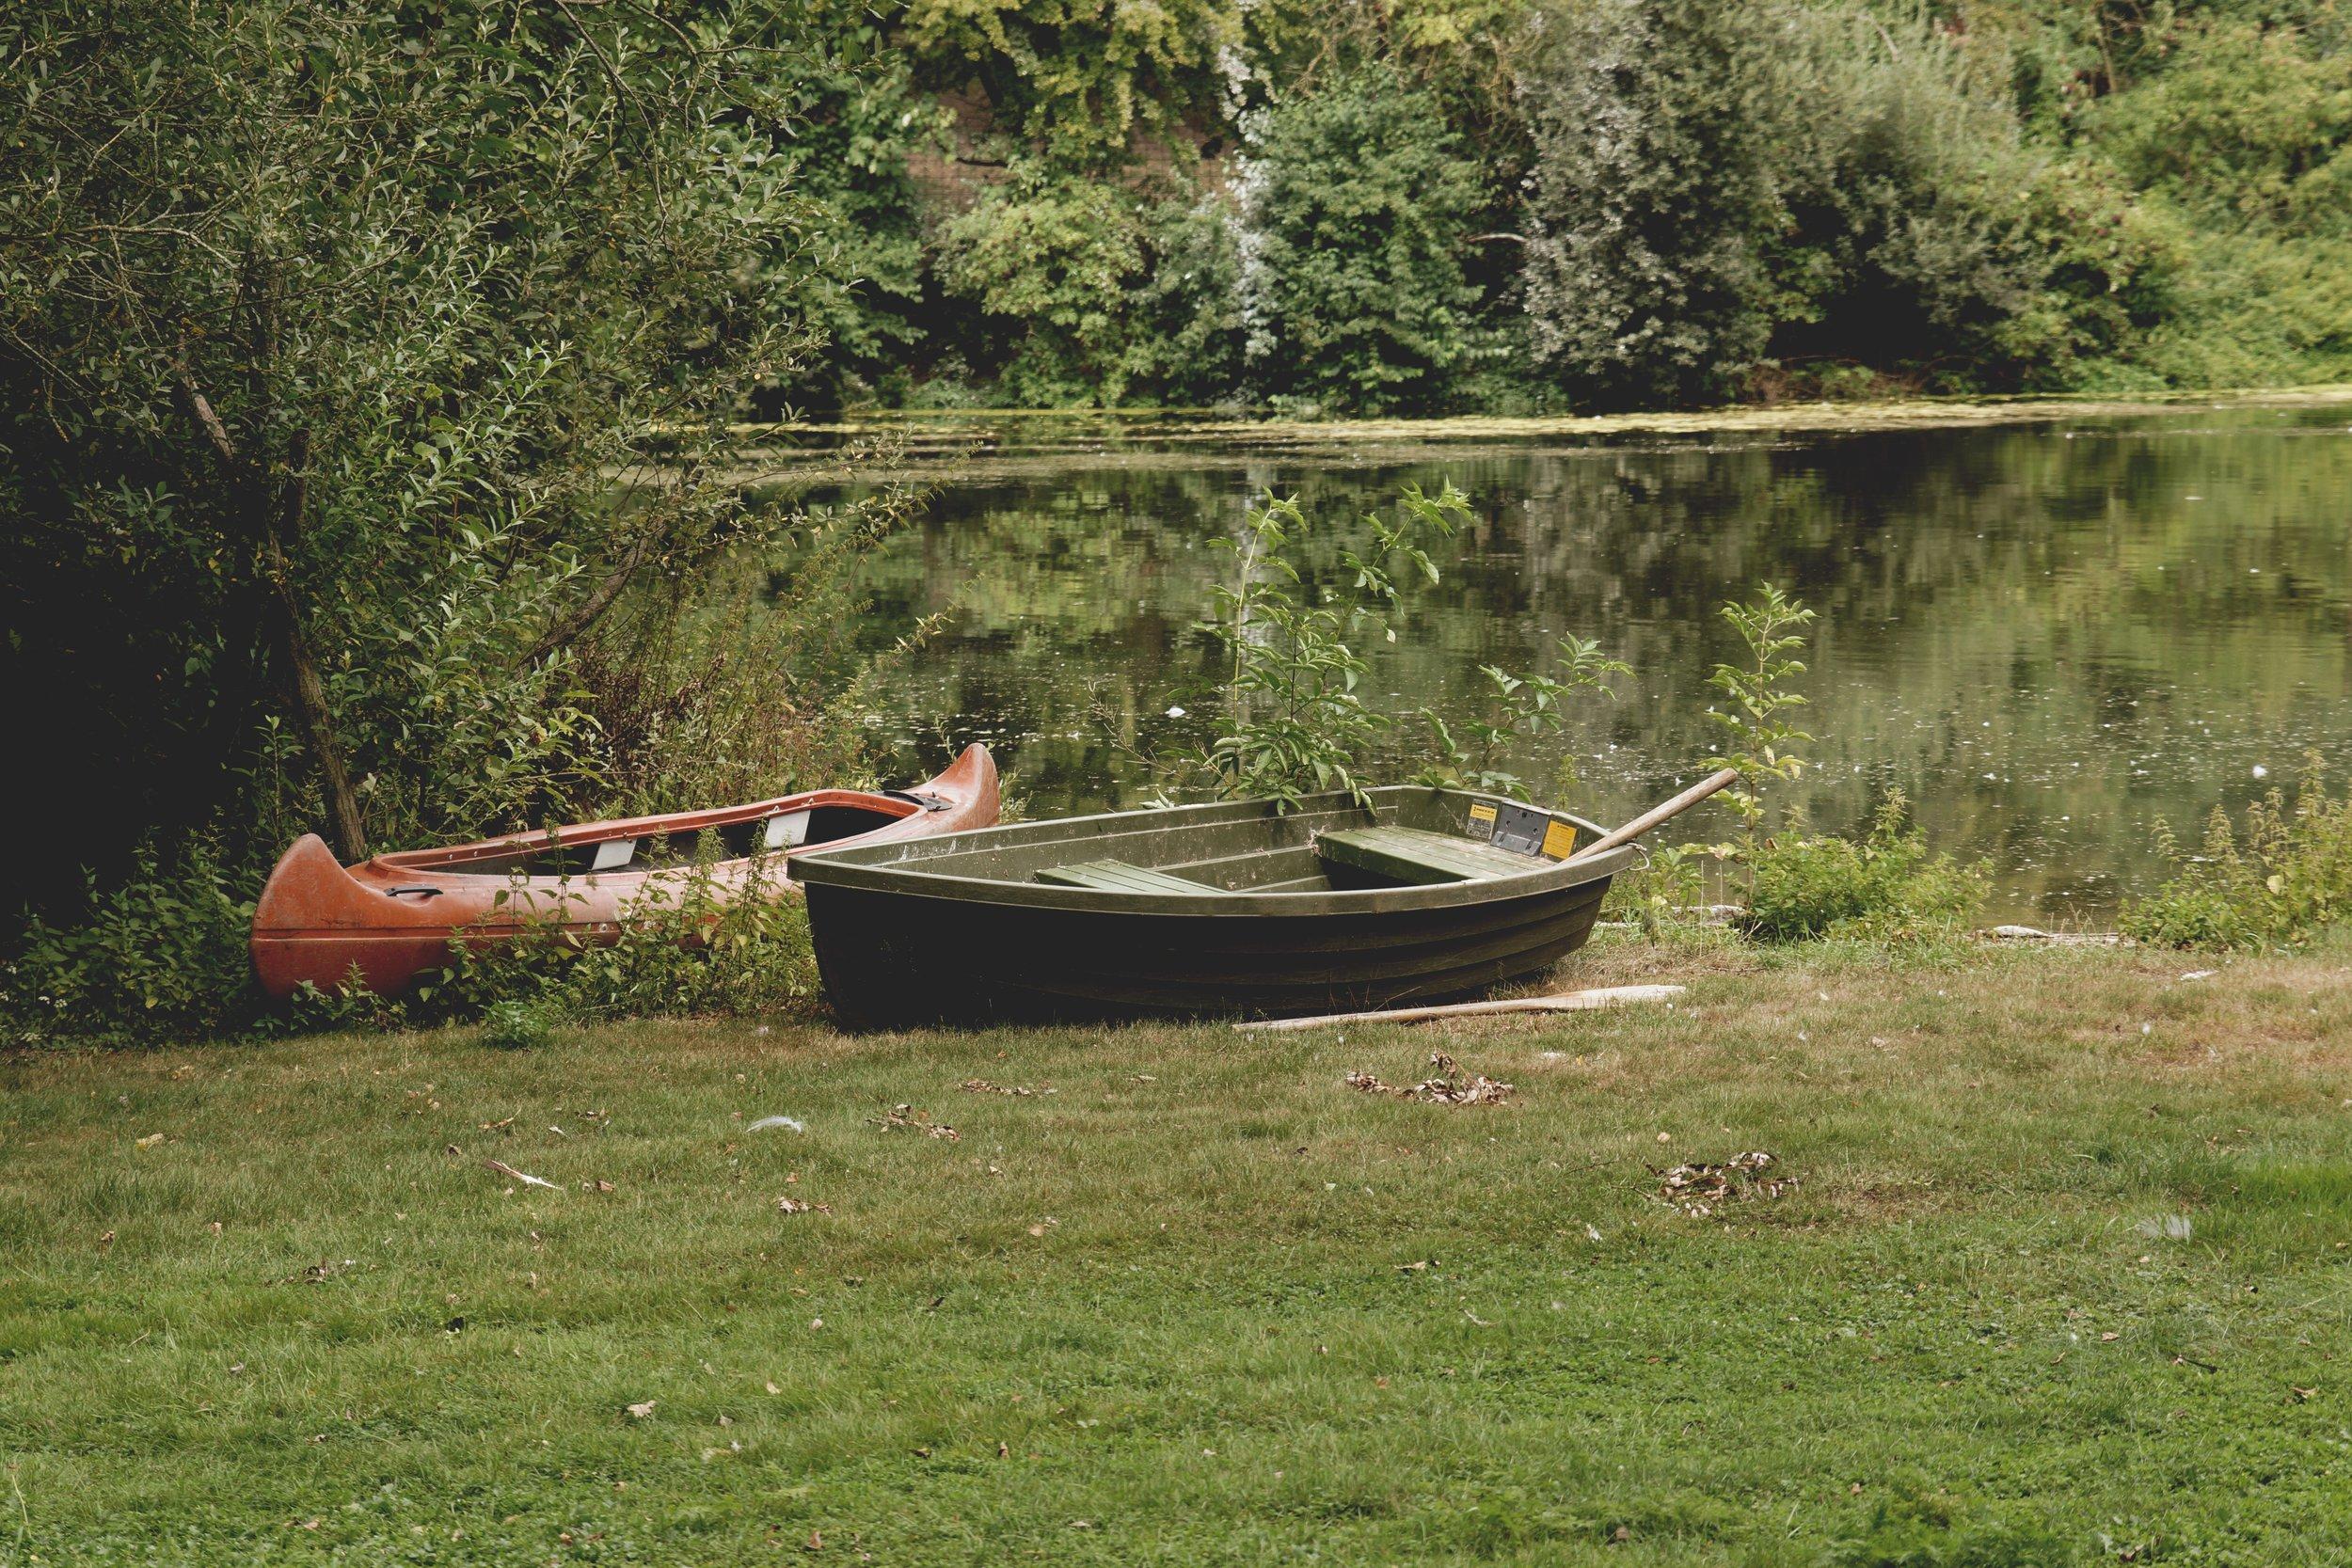 boats-canoe-daylight-534579.jpg